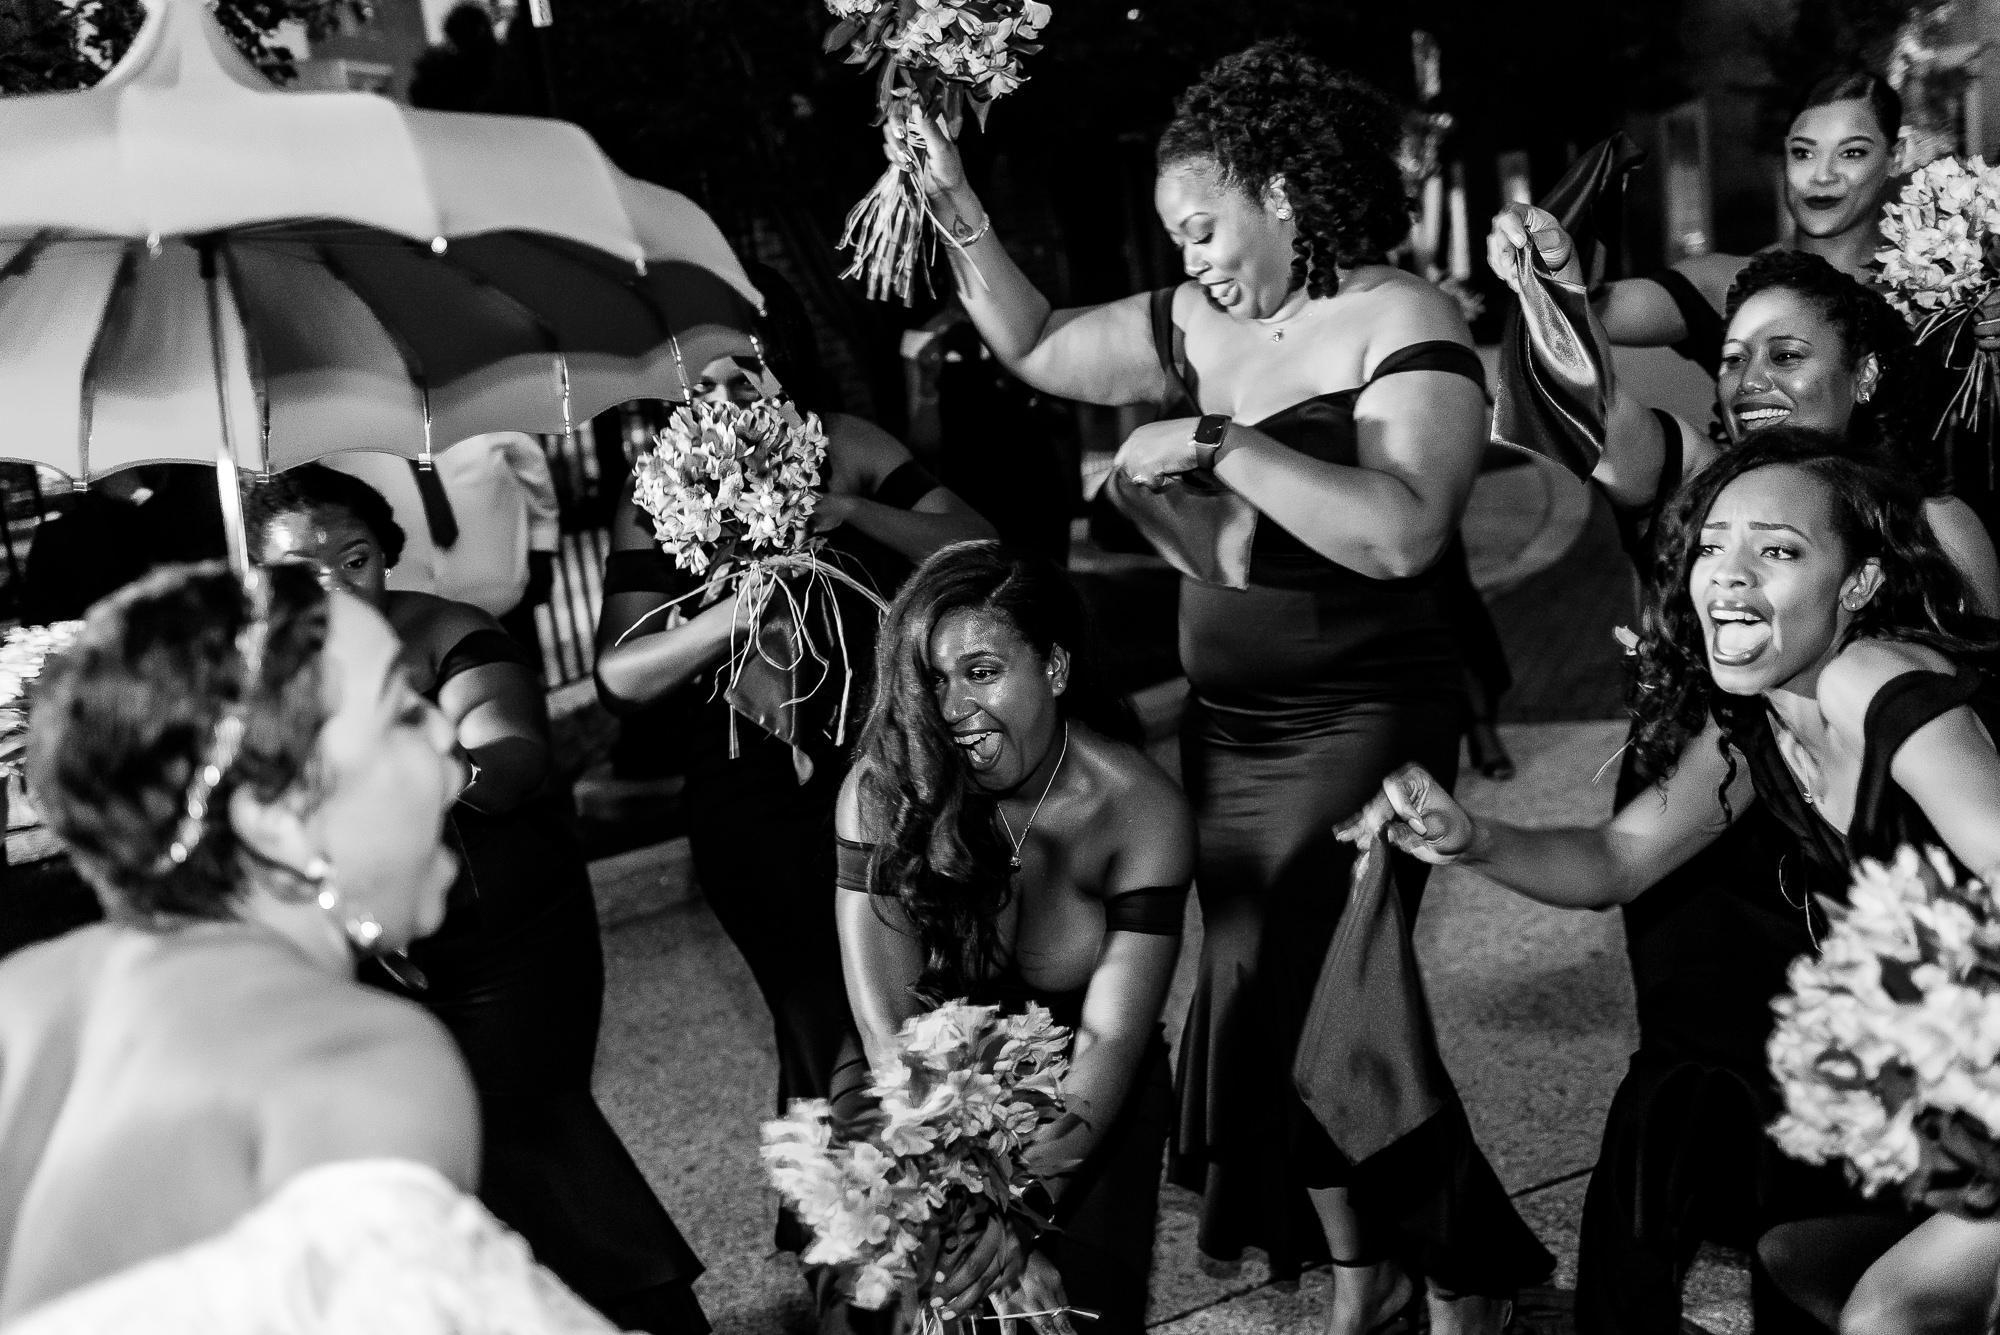 048-048-christopher-jason-studios-university-of-maryland-wedding-raheem-Devaughn-african-american-bride-and-groom.jpg